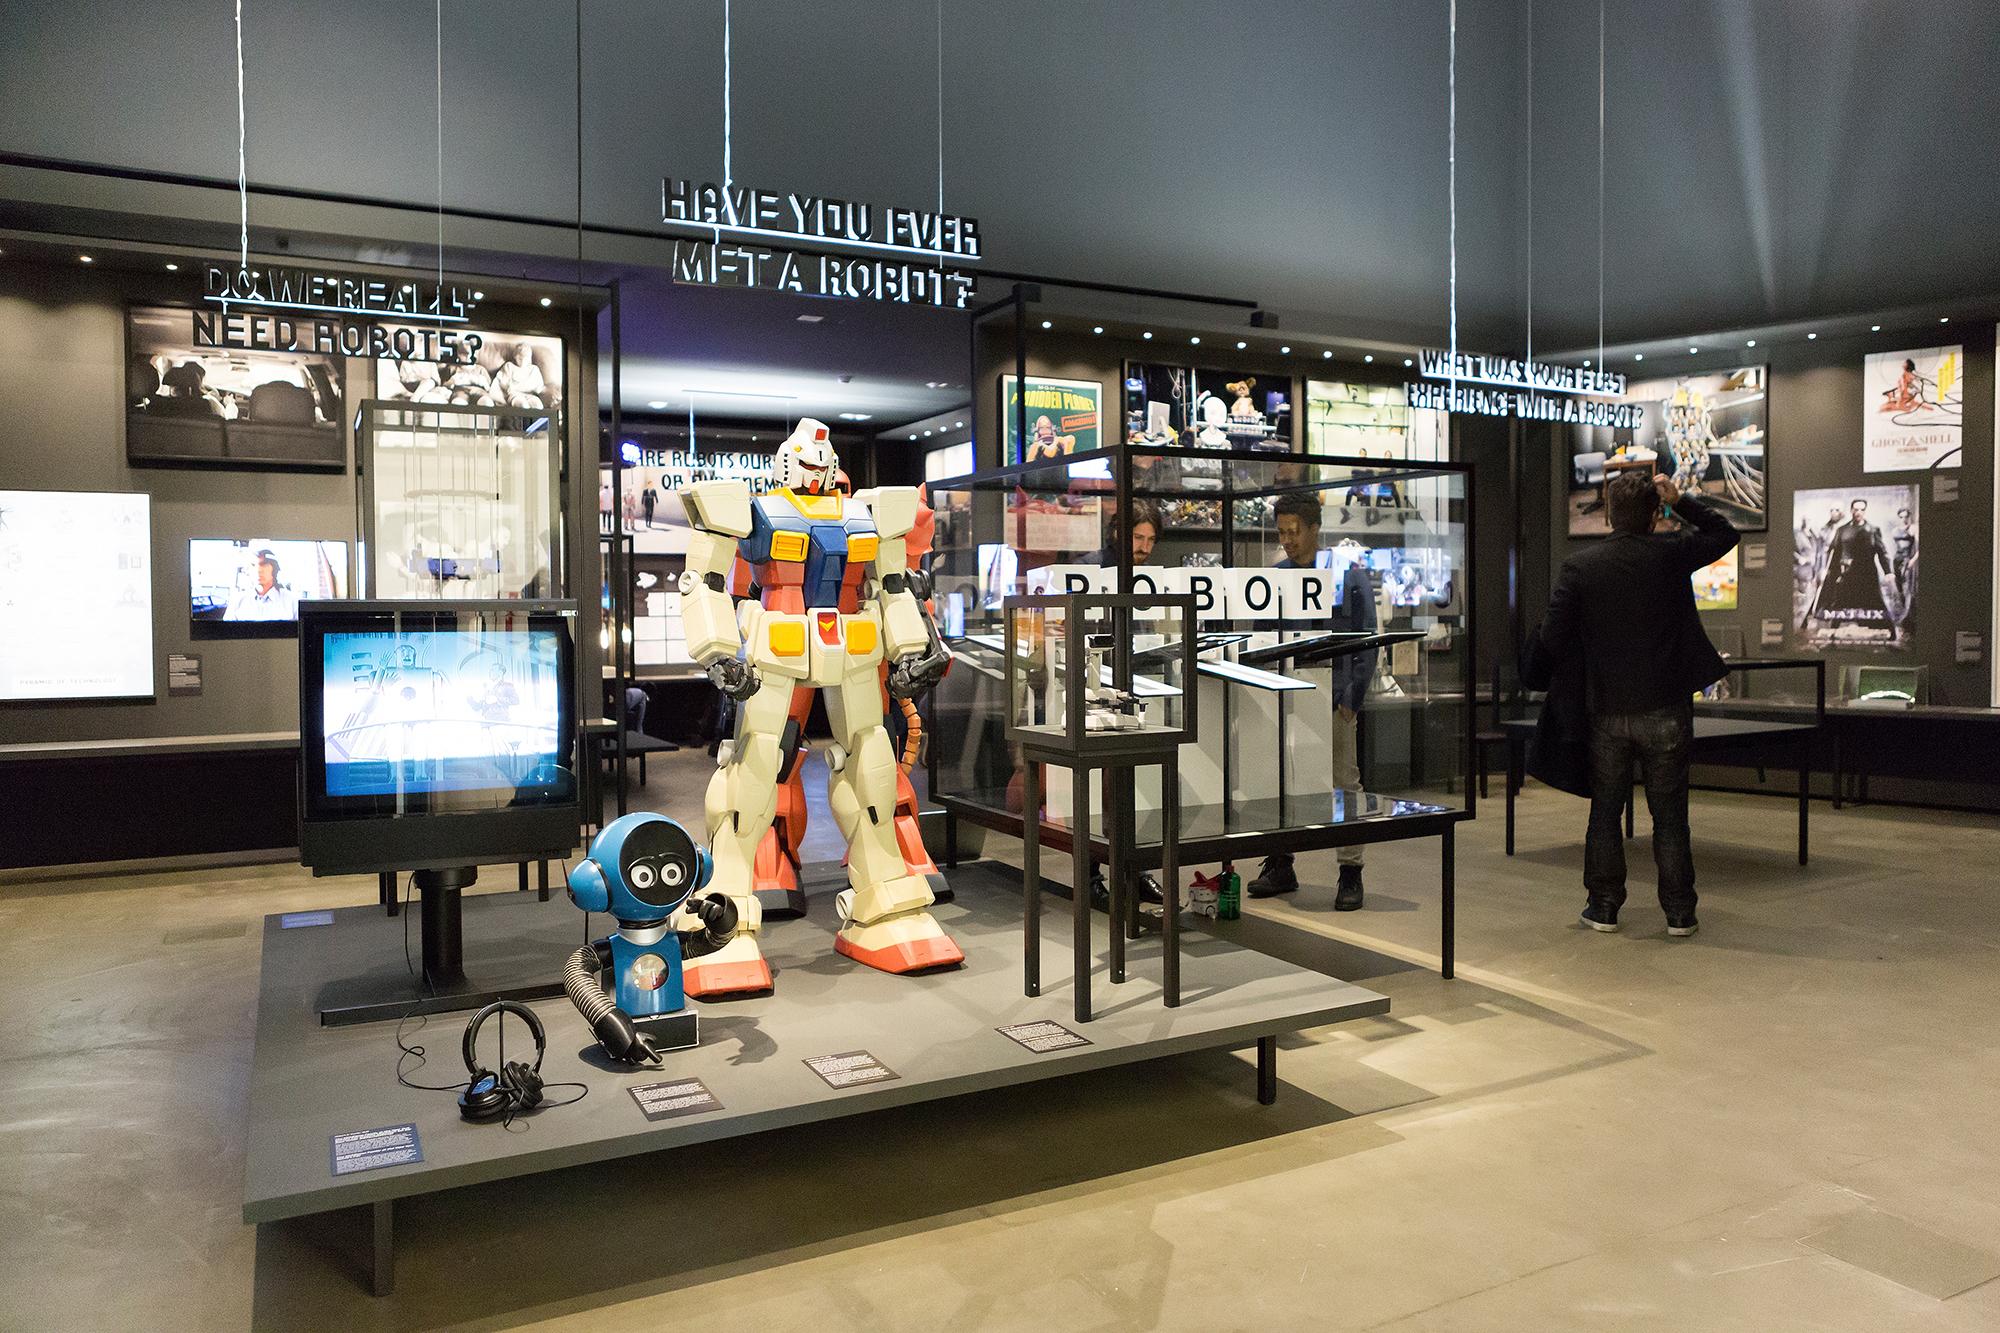 Der erste Raum: Unsere wohlbekannte, von der (Pop-)Kultur geprägte Vorstellung von dem, was ein Roboter ist.